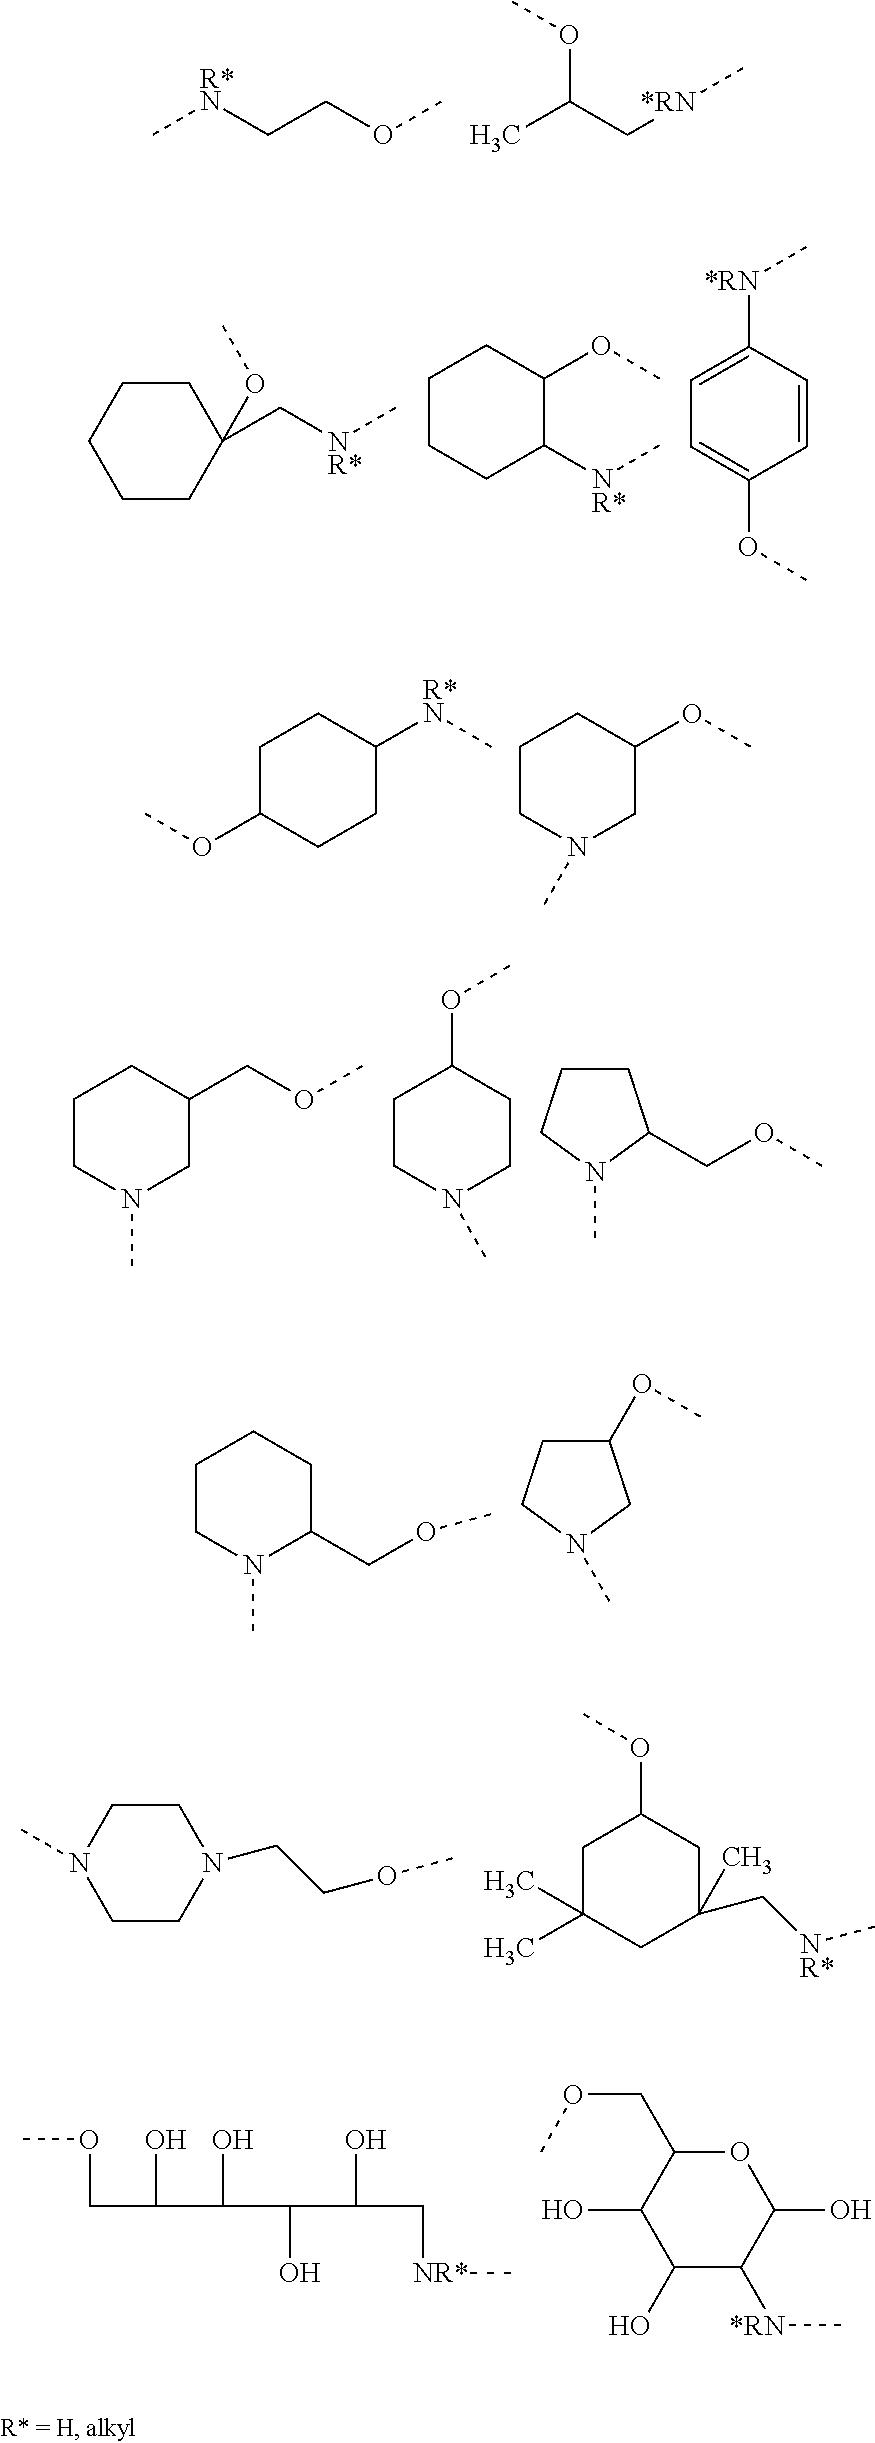 Figure US08277699-20121002-C00022